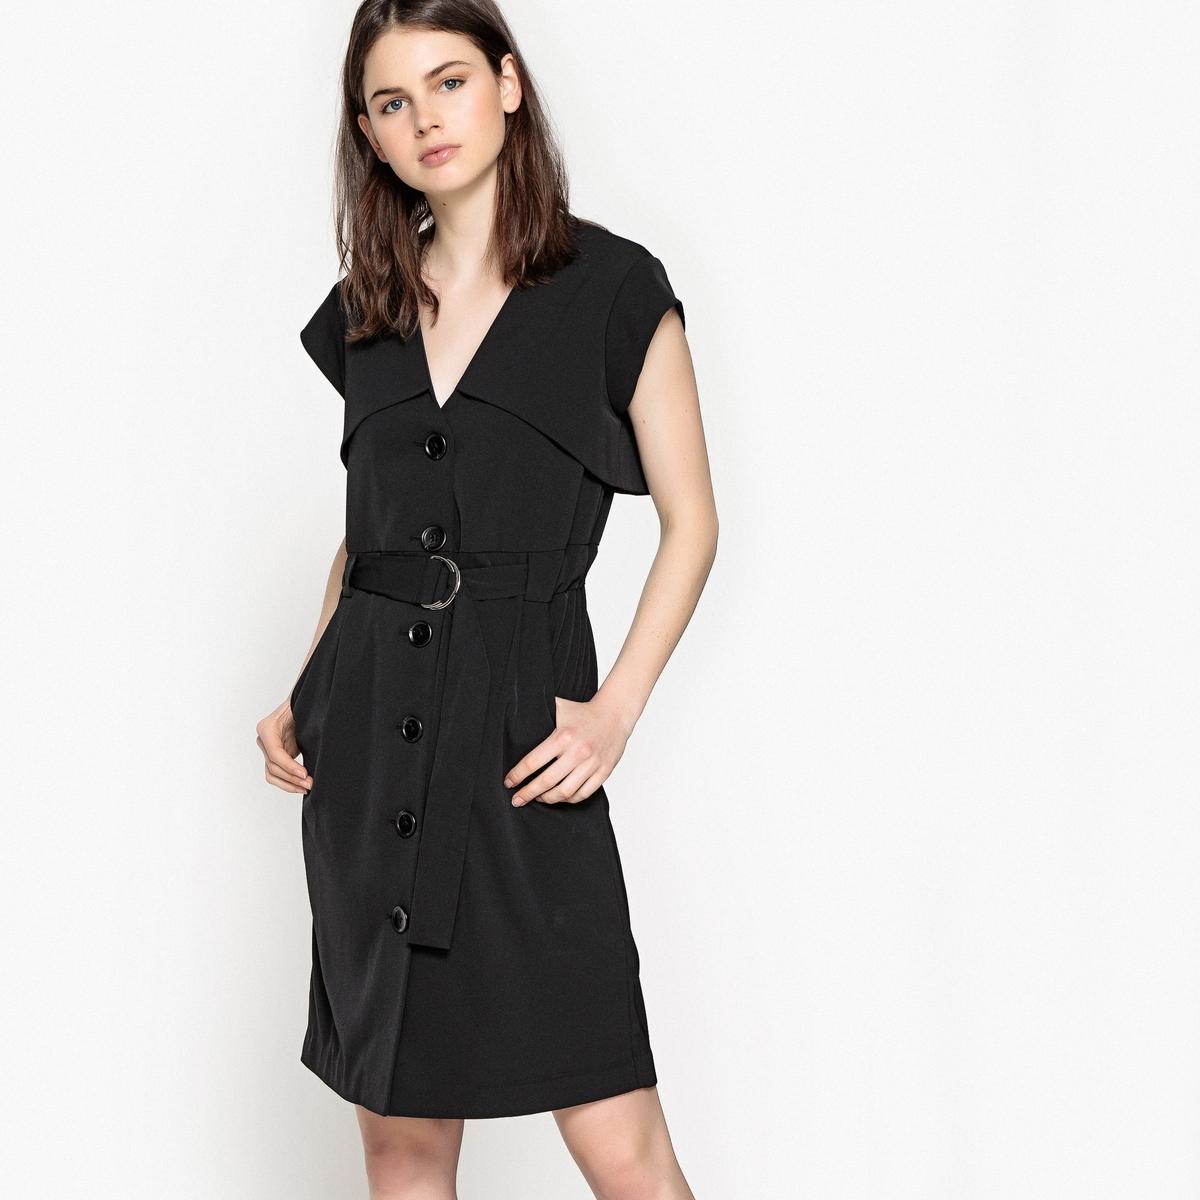 Платье в форме тренчкота с застежкой на пуговицы спереди и поясом